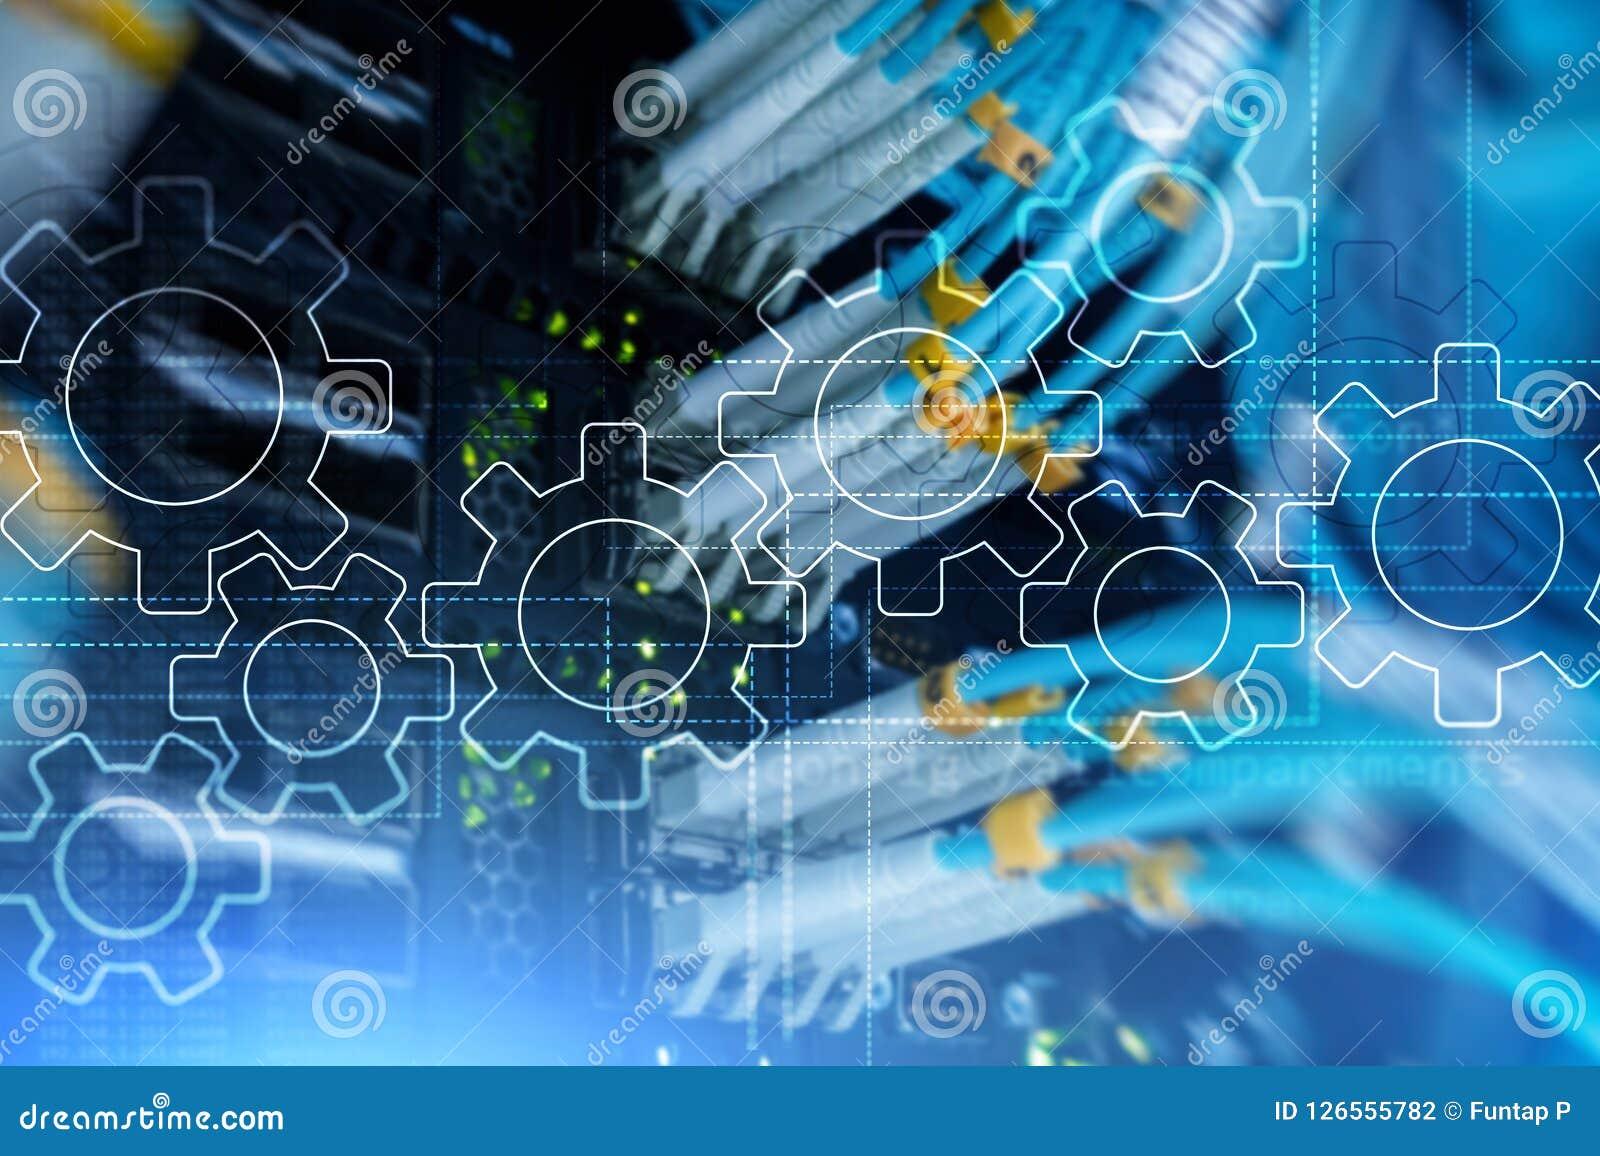 齿轮机构、数字式变革、数据集成和数字技术概念